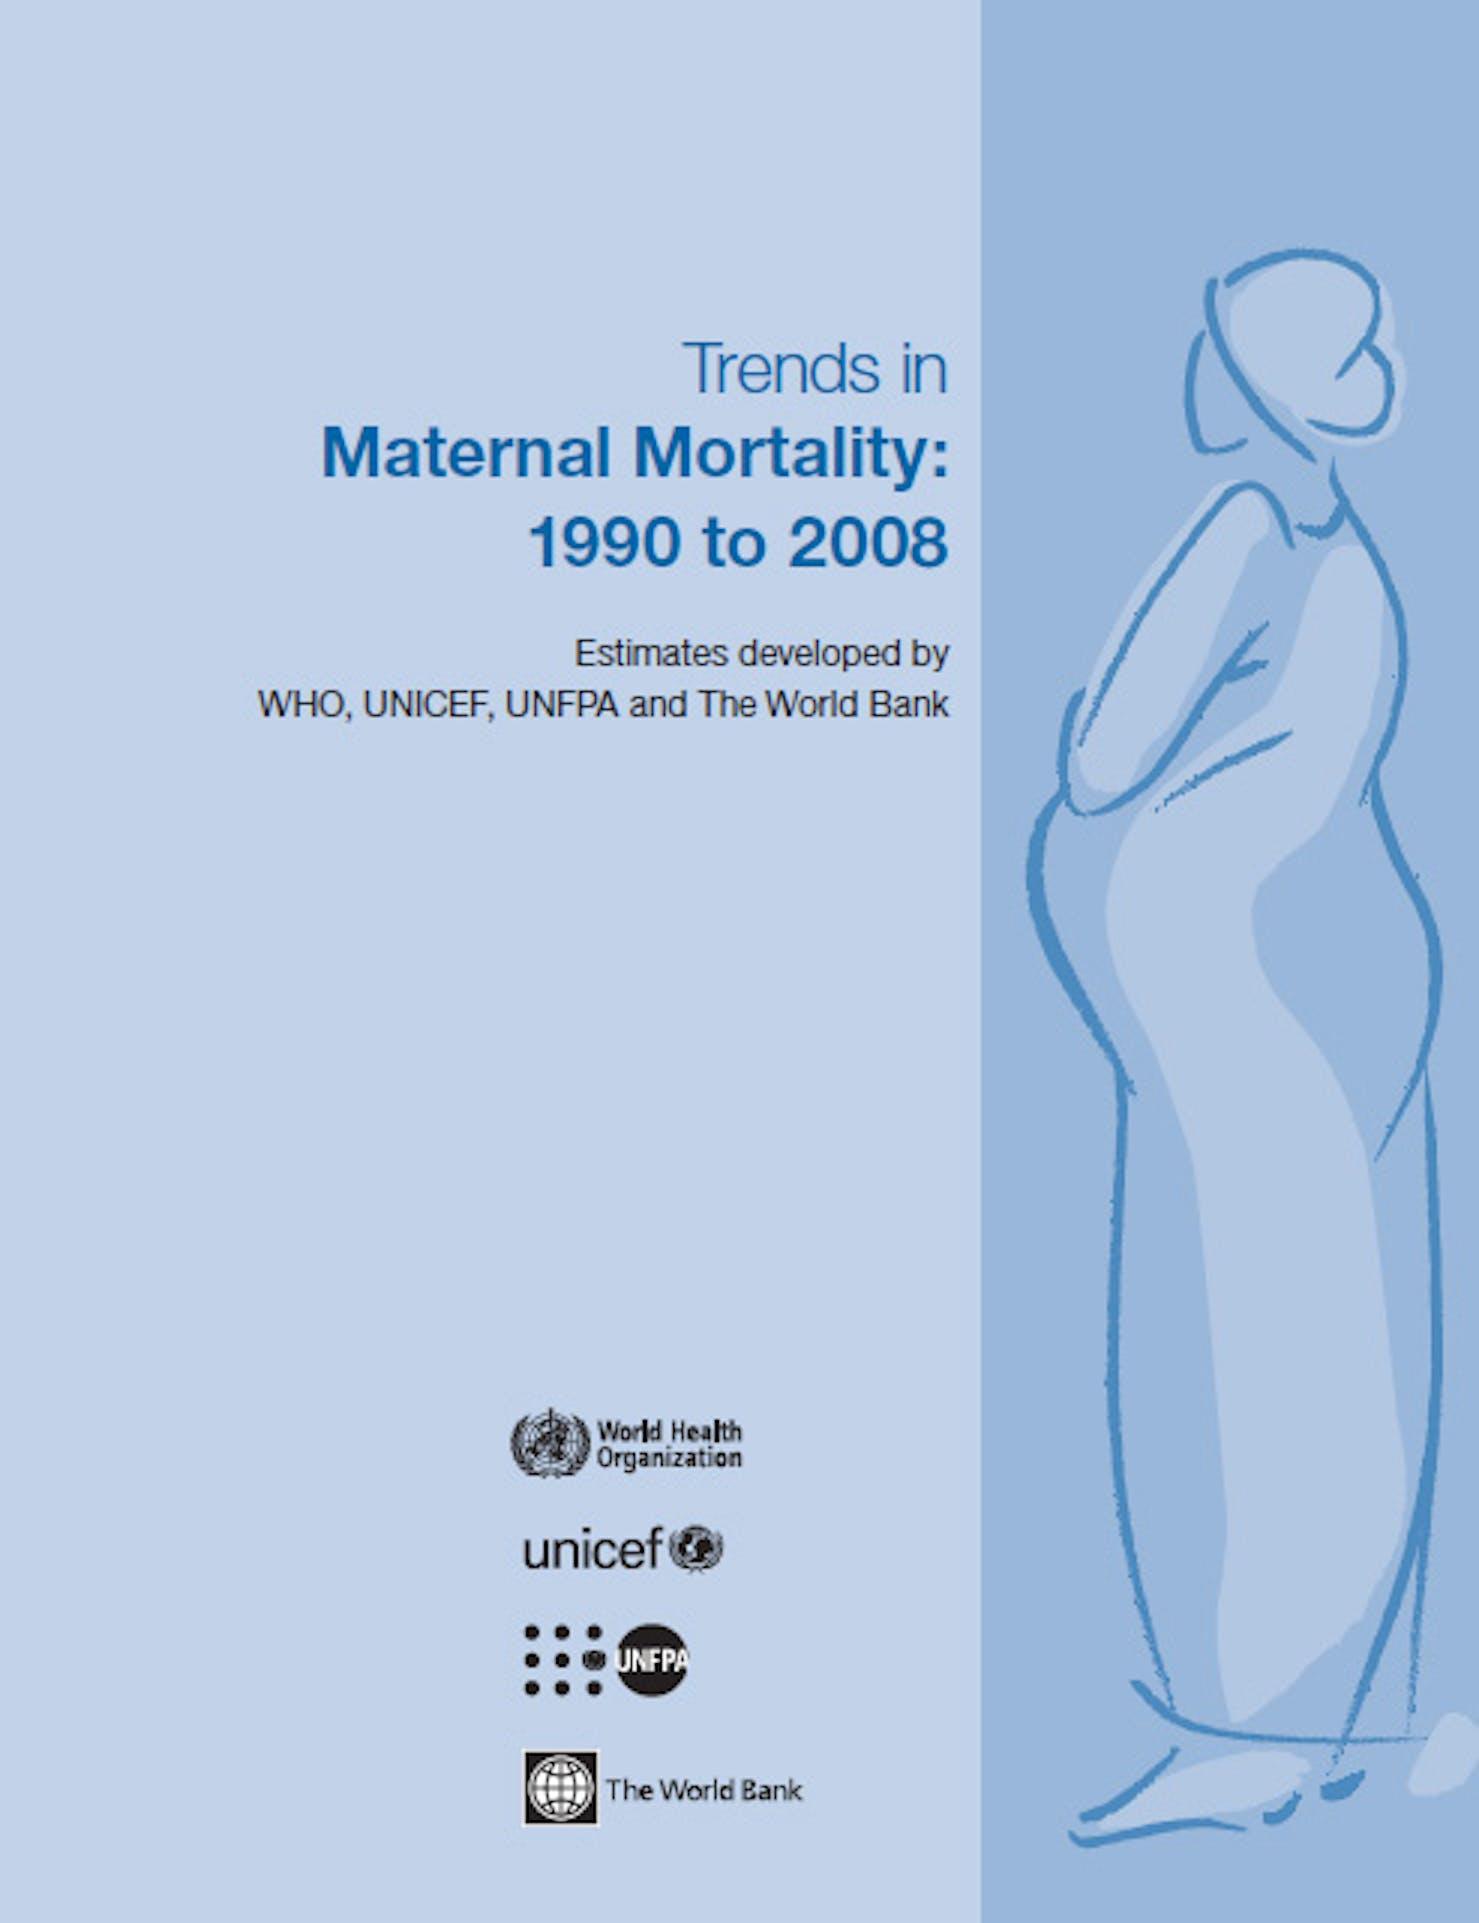 Andamenti nella mortalità materna: dal 1990 al 2008